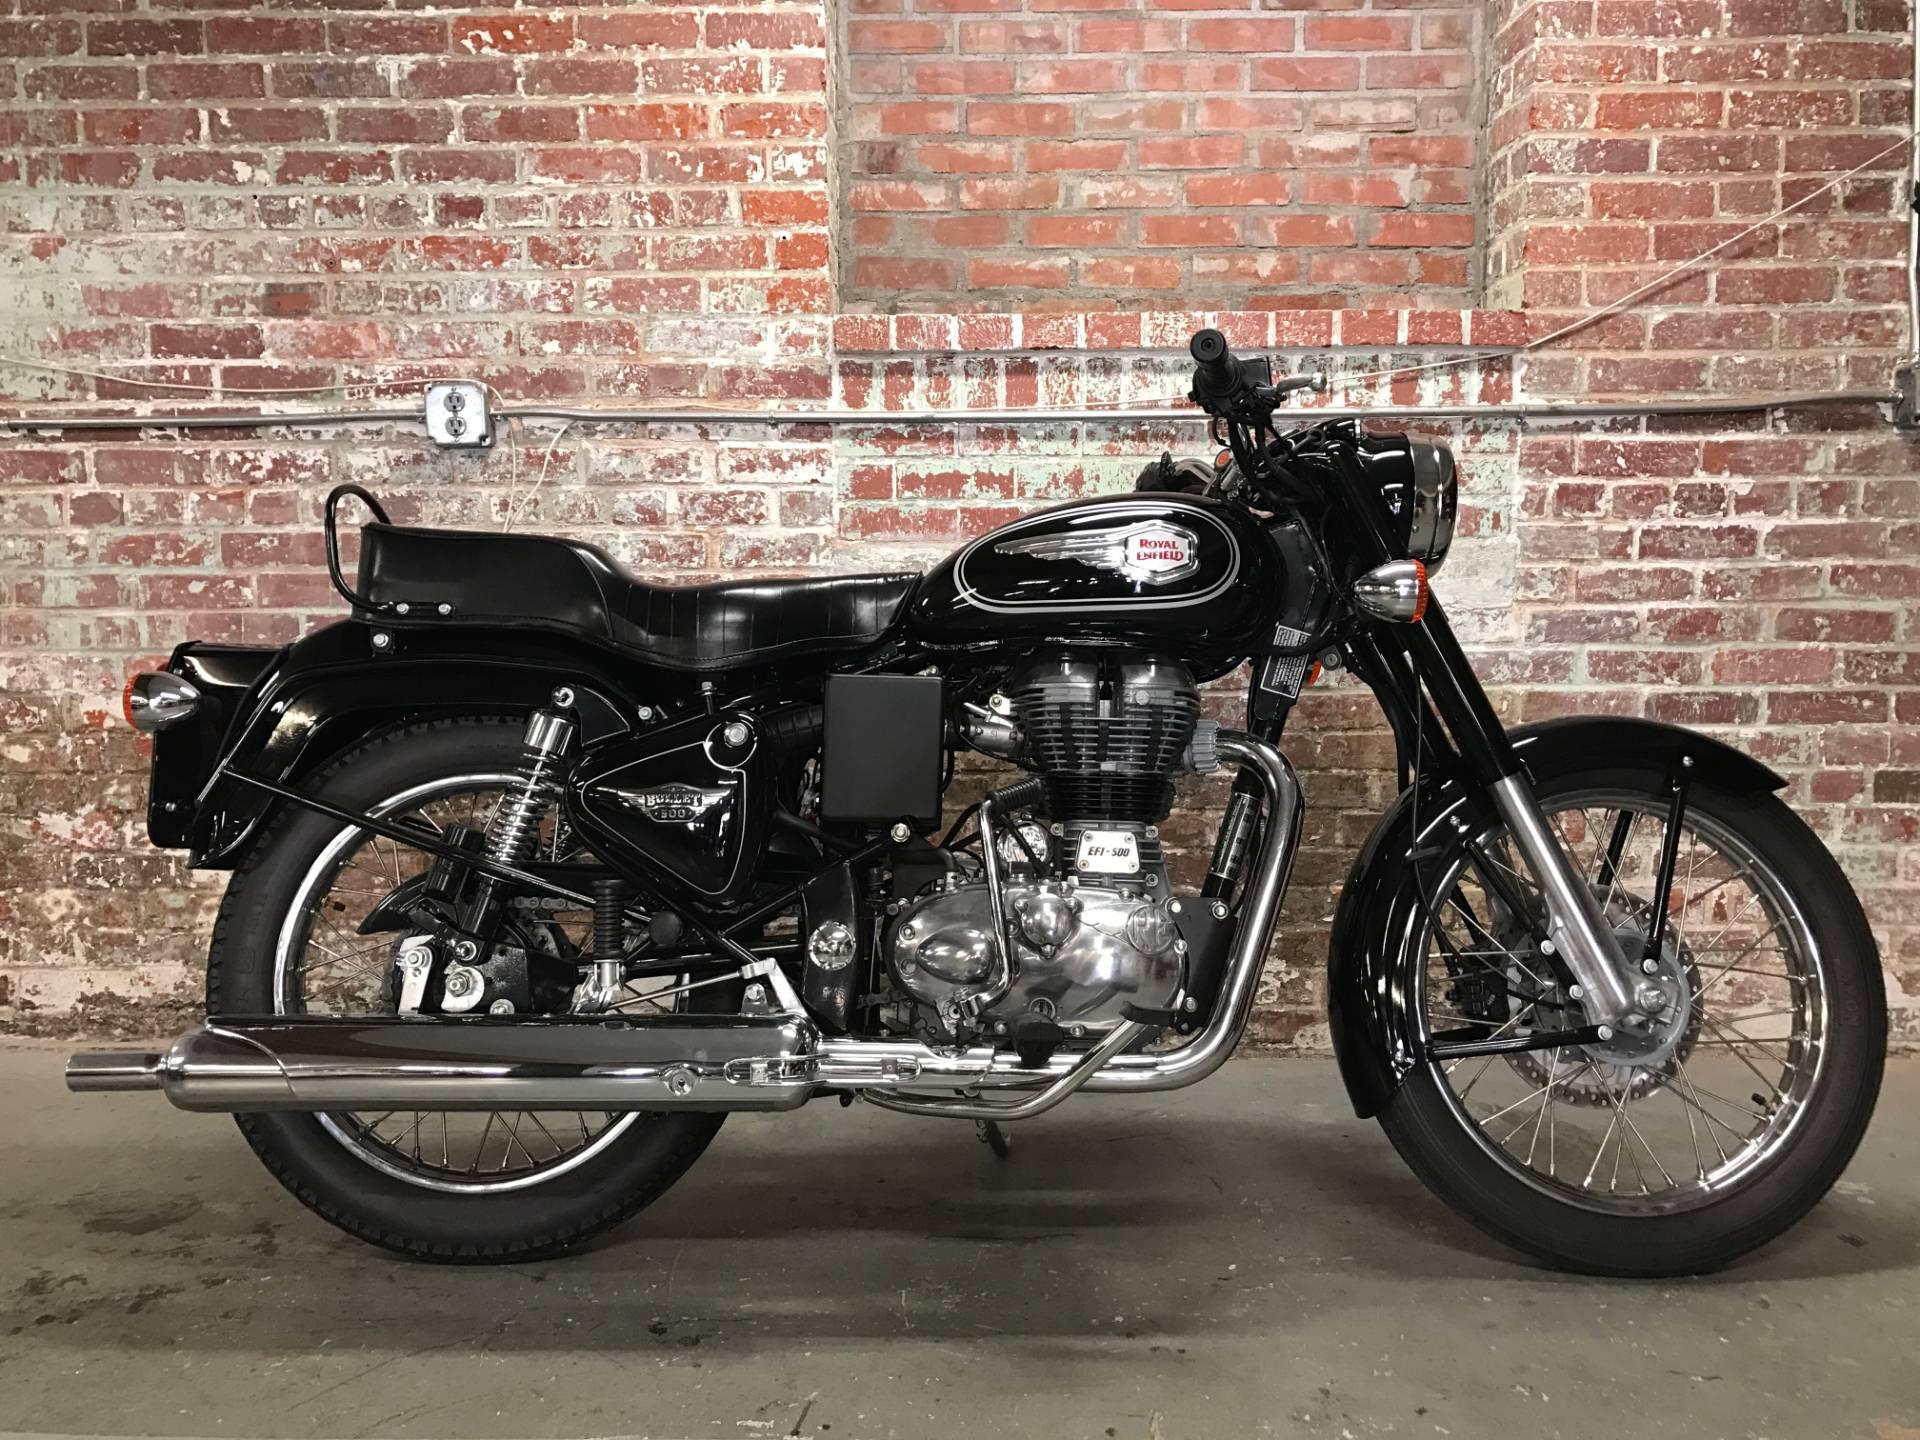 New 2016 Royal Enfield Bullet 500 EFI Motorcycles in Greensboro, NC ...